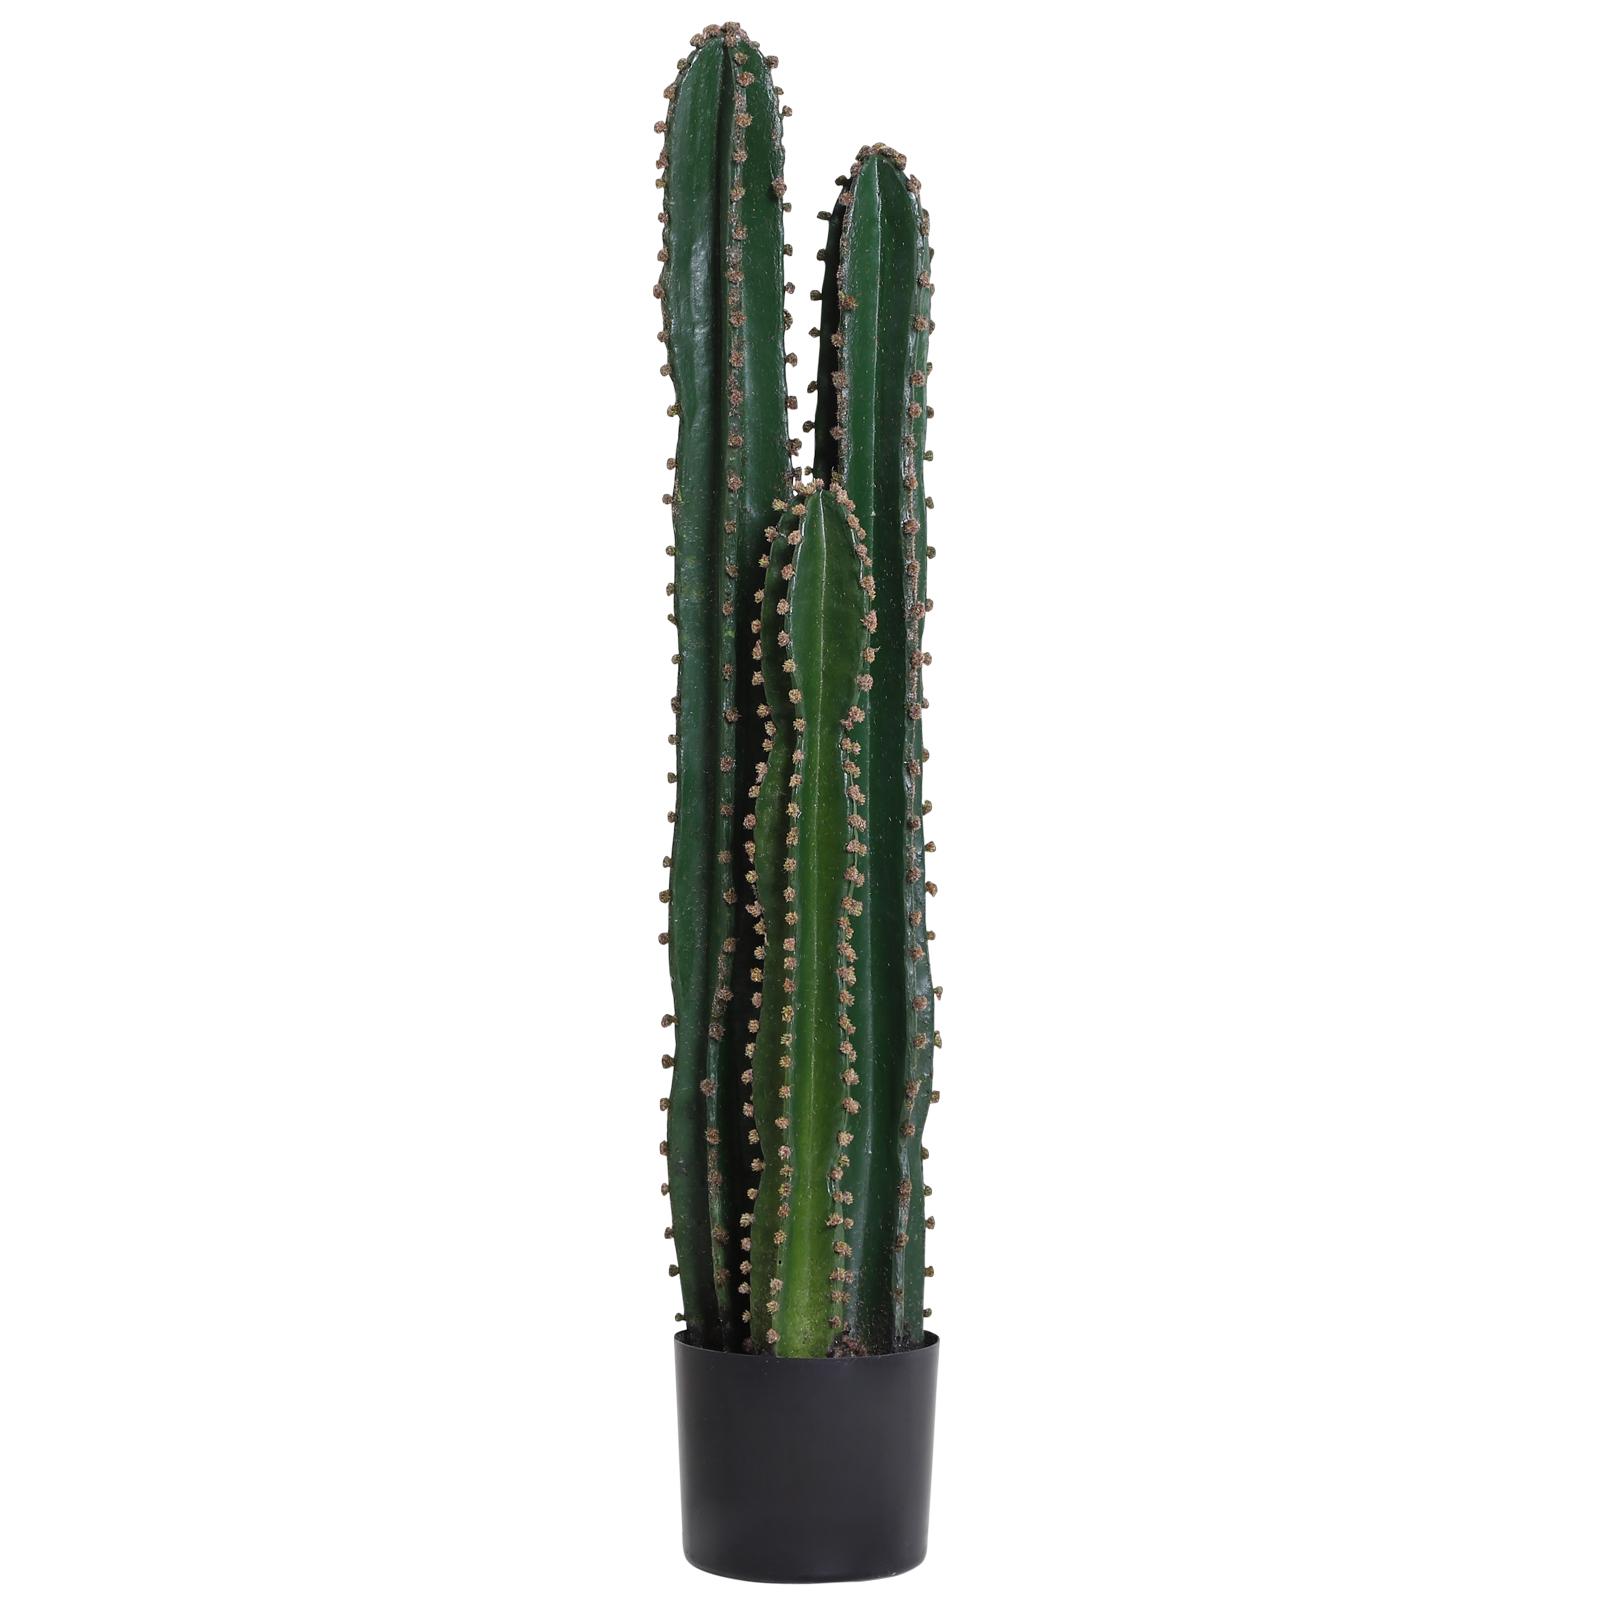 Cactus artificiel grand réalisme H1m